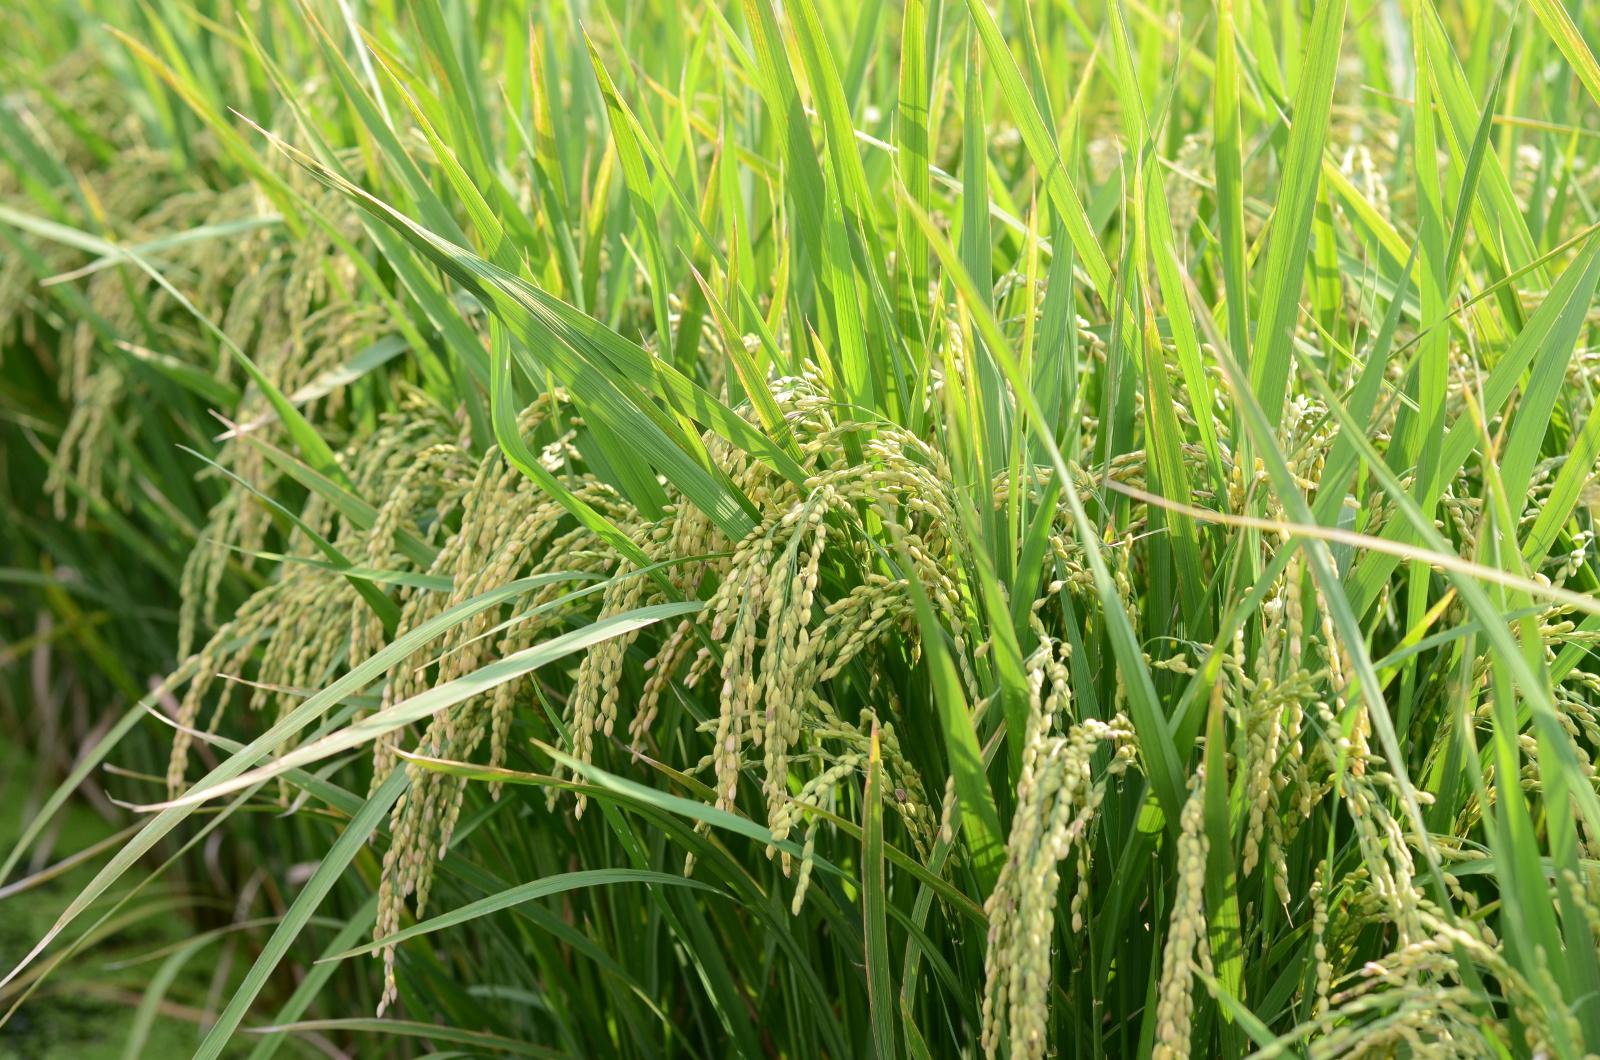 完全無農薬・無肥料の自然栽培米を厳選 4月からの新年度も